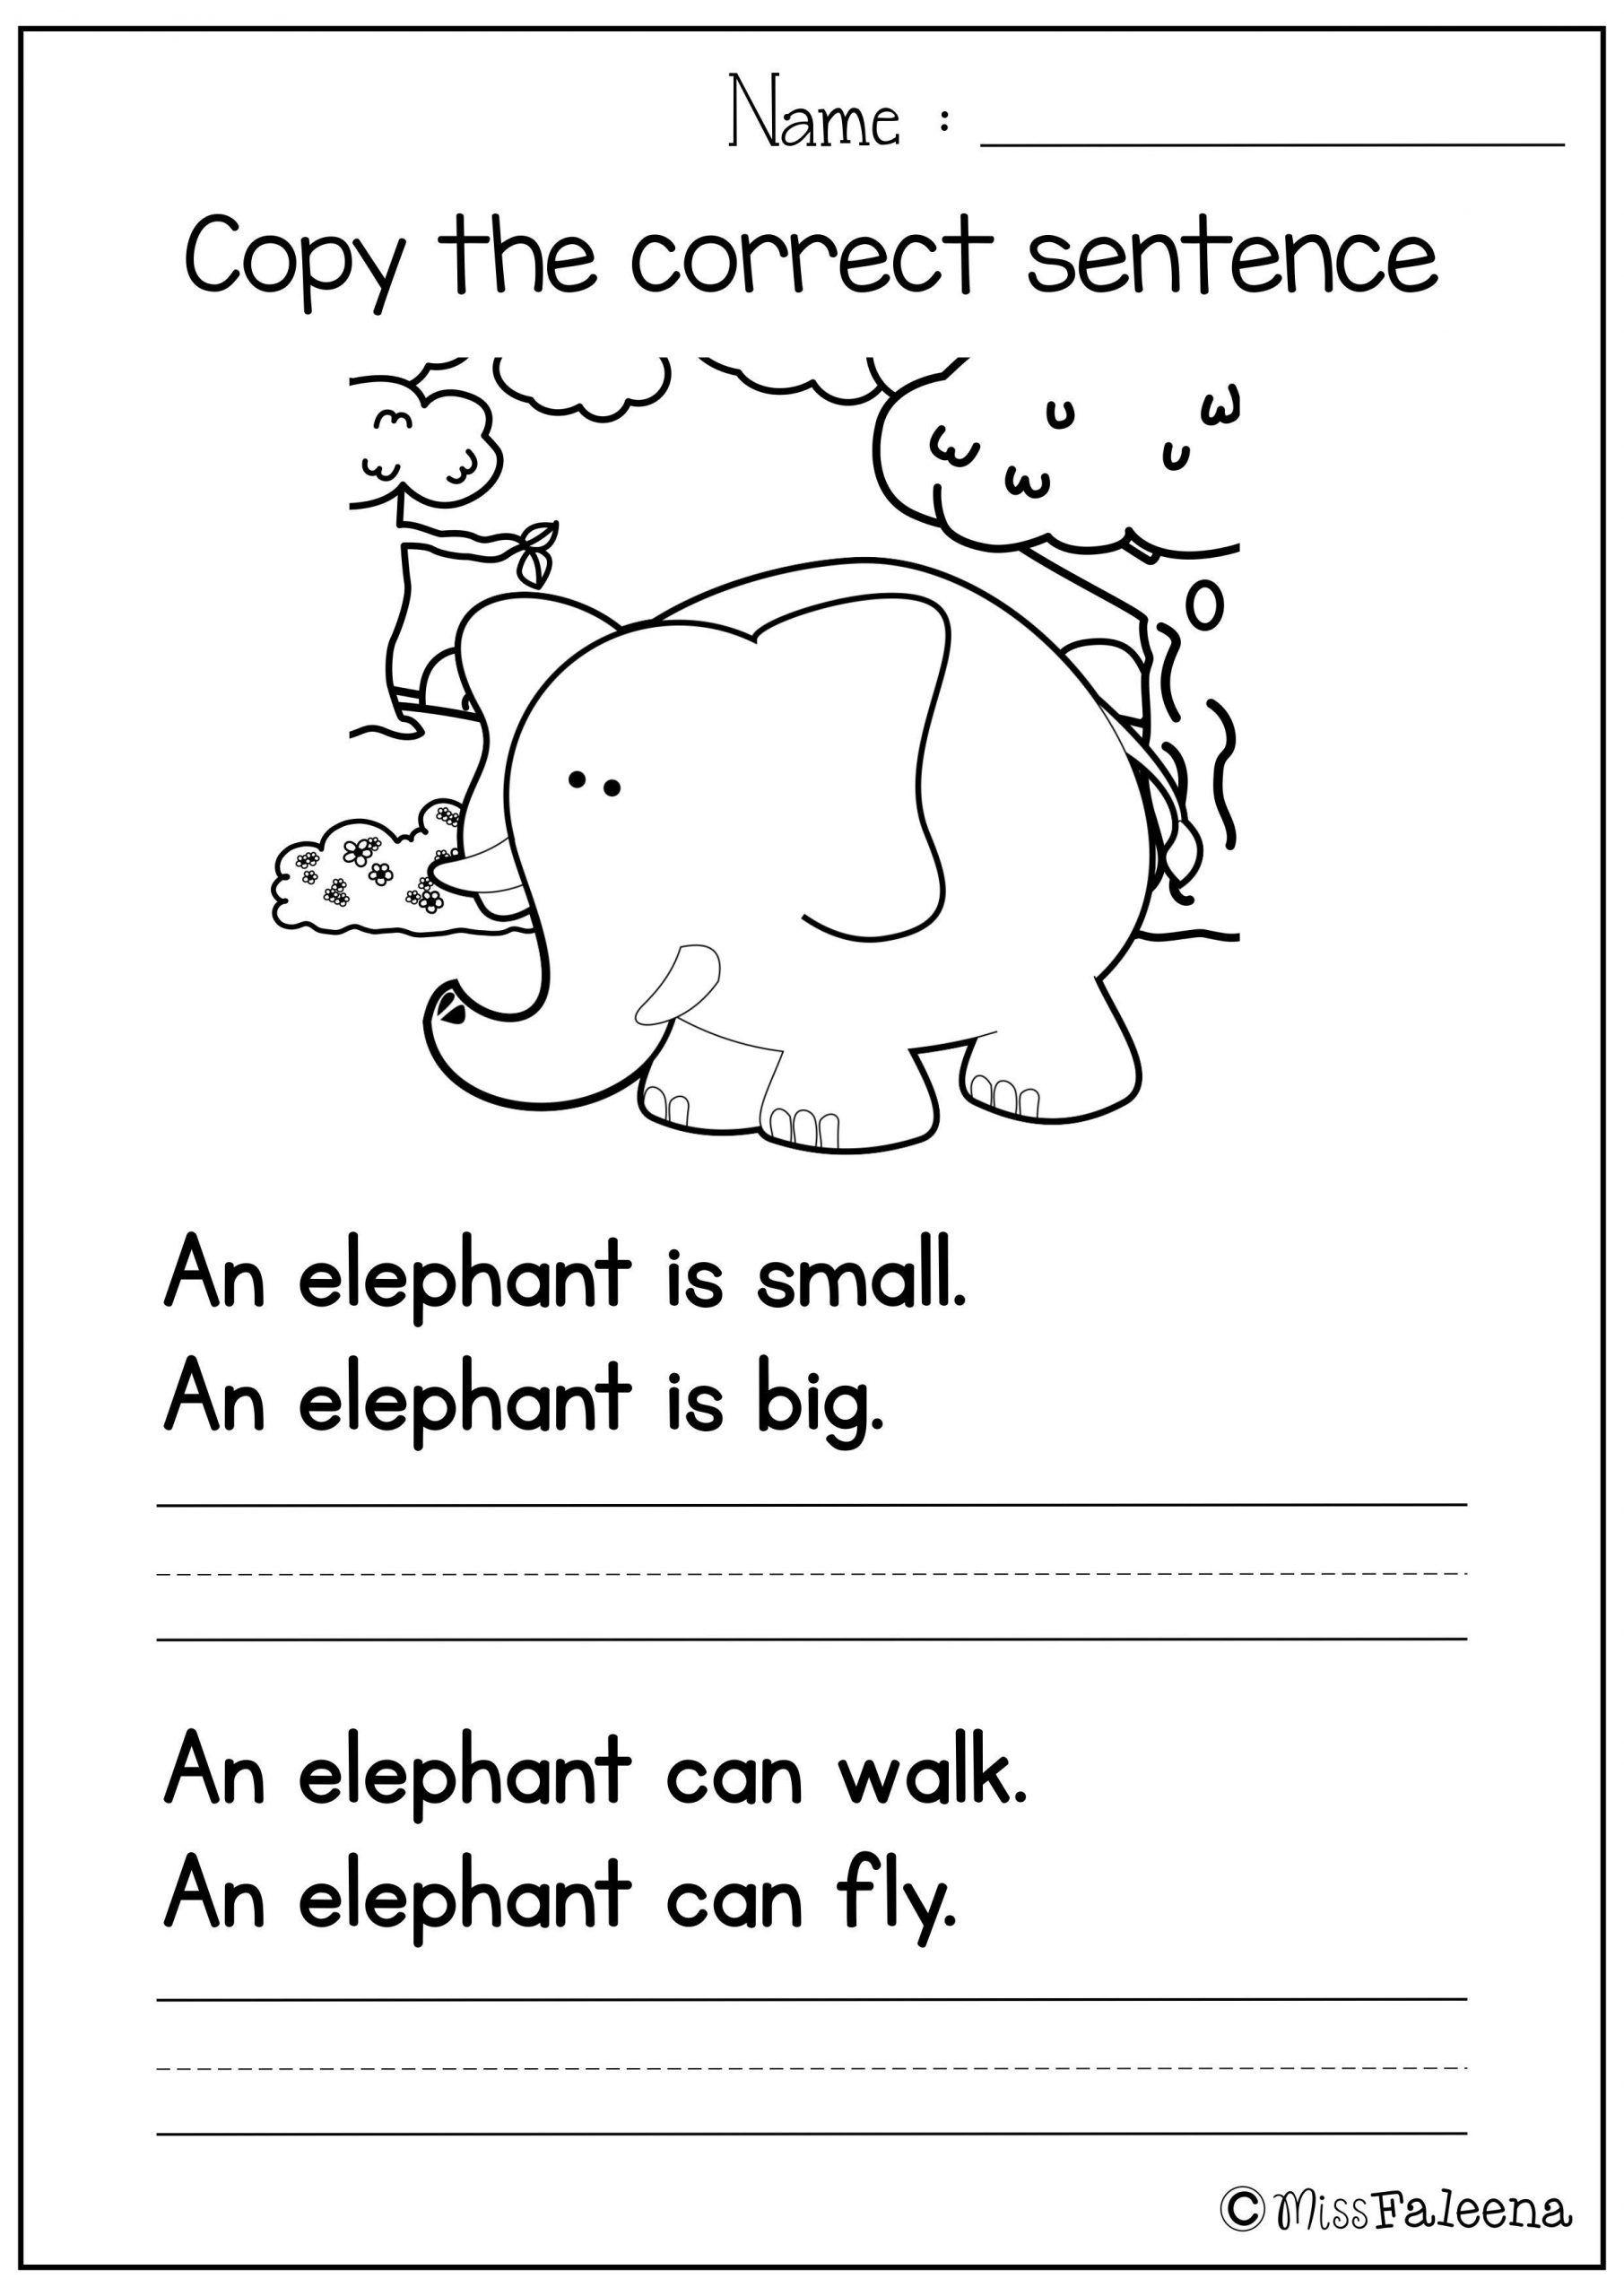 Copying Sentences Worksheets For Kindergarten In 2021 Kindergarten Writing Sentence Writing Writing Sentences Worksheets [ 2560 x 1811 Pixel ]